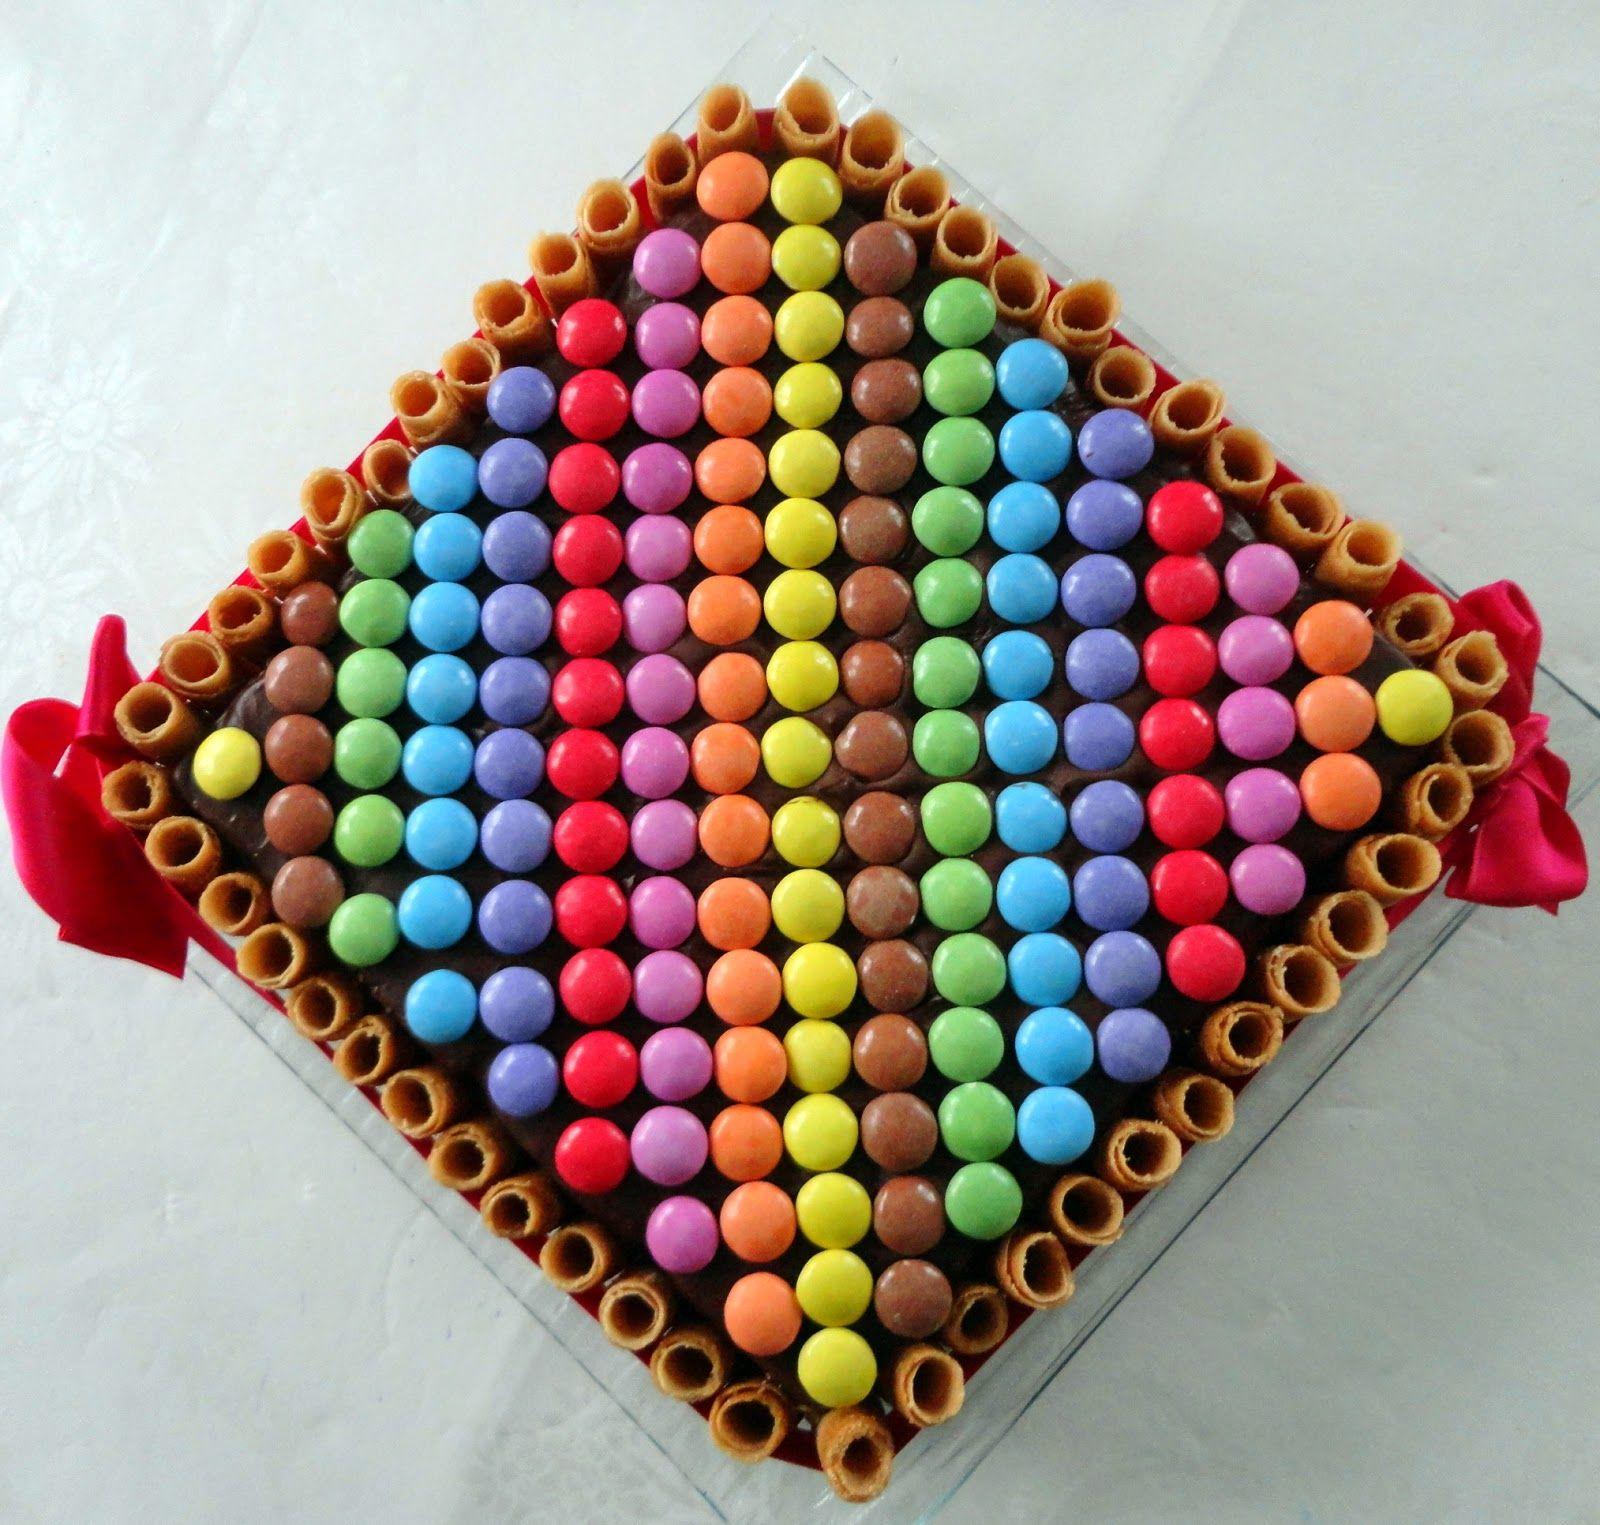 Фото tort ukrashennyj konfetami i shokoladkami 56.